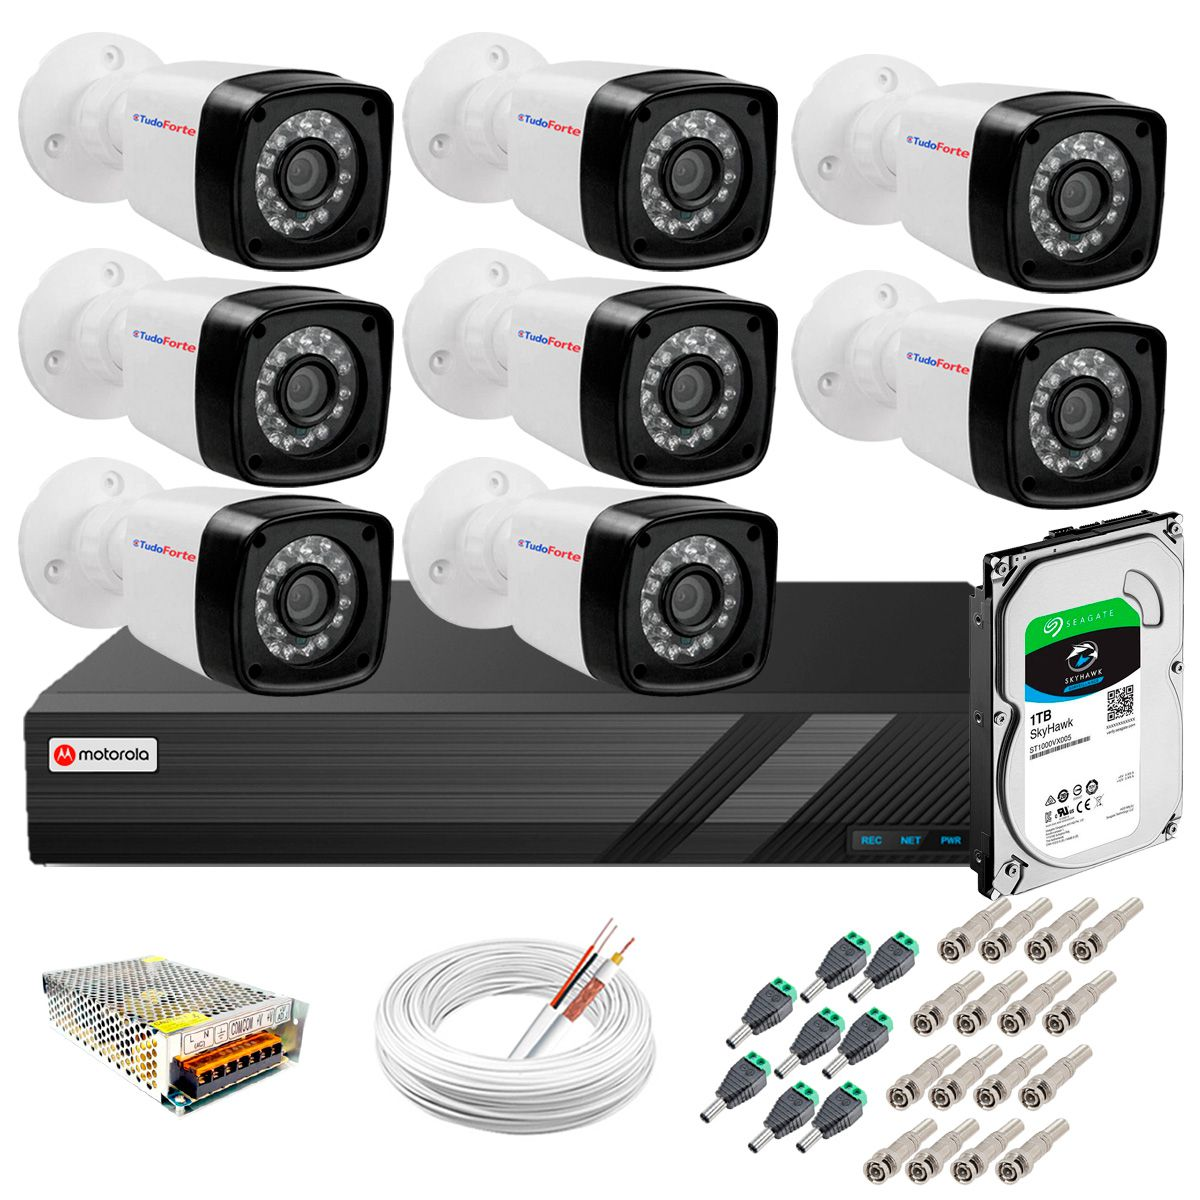 Kit 8 Câmeras + DVR Motorola + App de Monitoramento, Câmeras HD 720p 20m Infravermelho de Visão Noturna Tudo Forte Completo com Acessórios